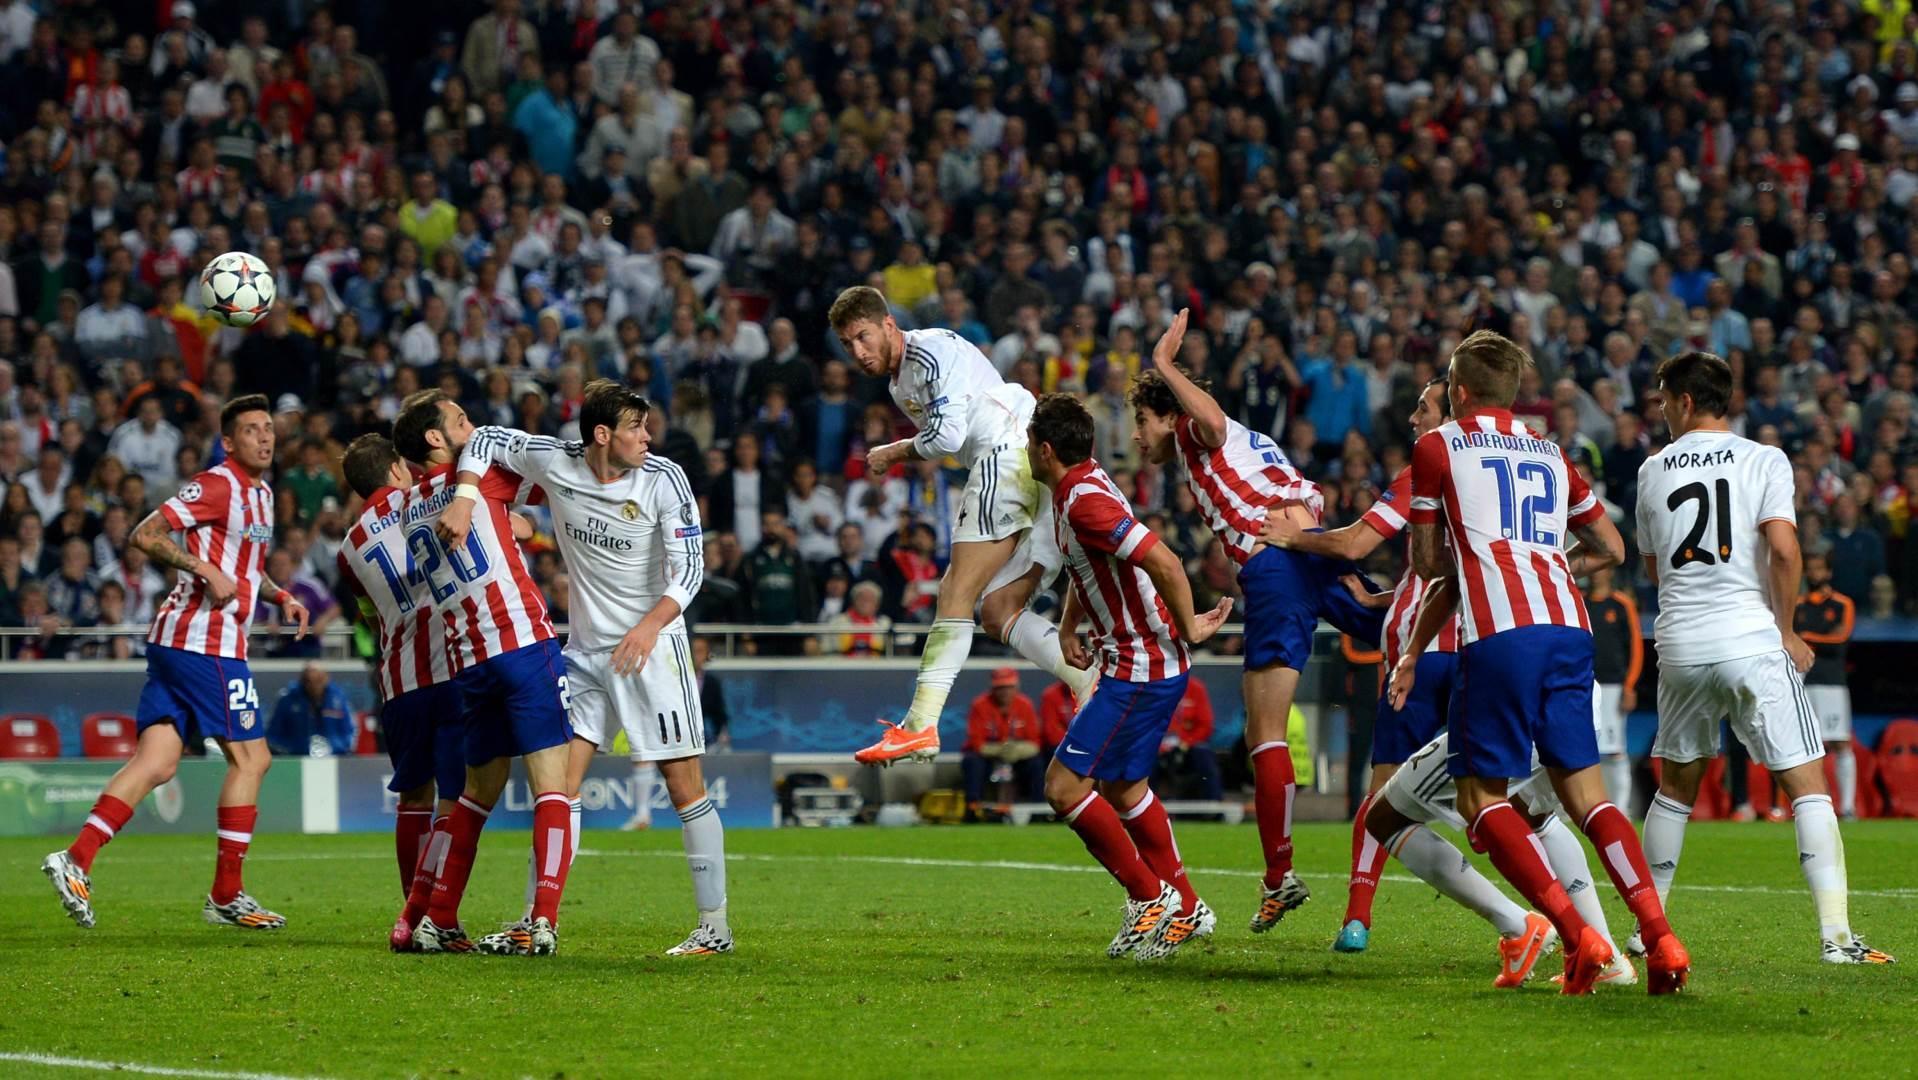 Atletiko Madrid, Real Madrid, Serhio Ramos